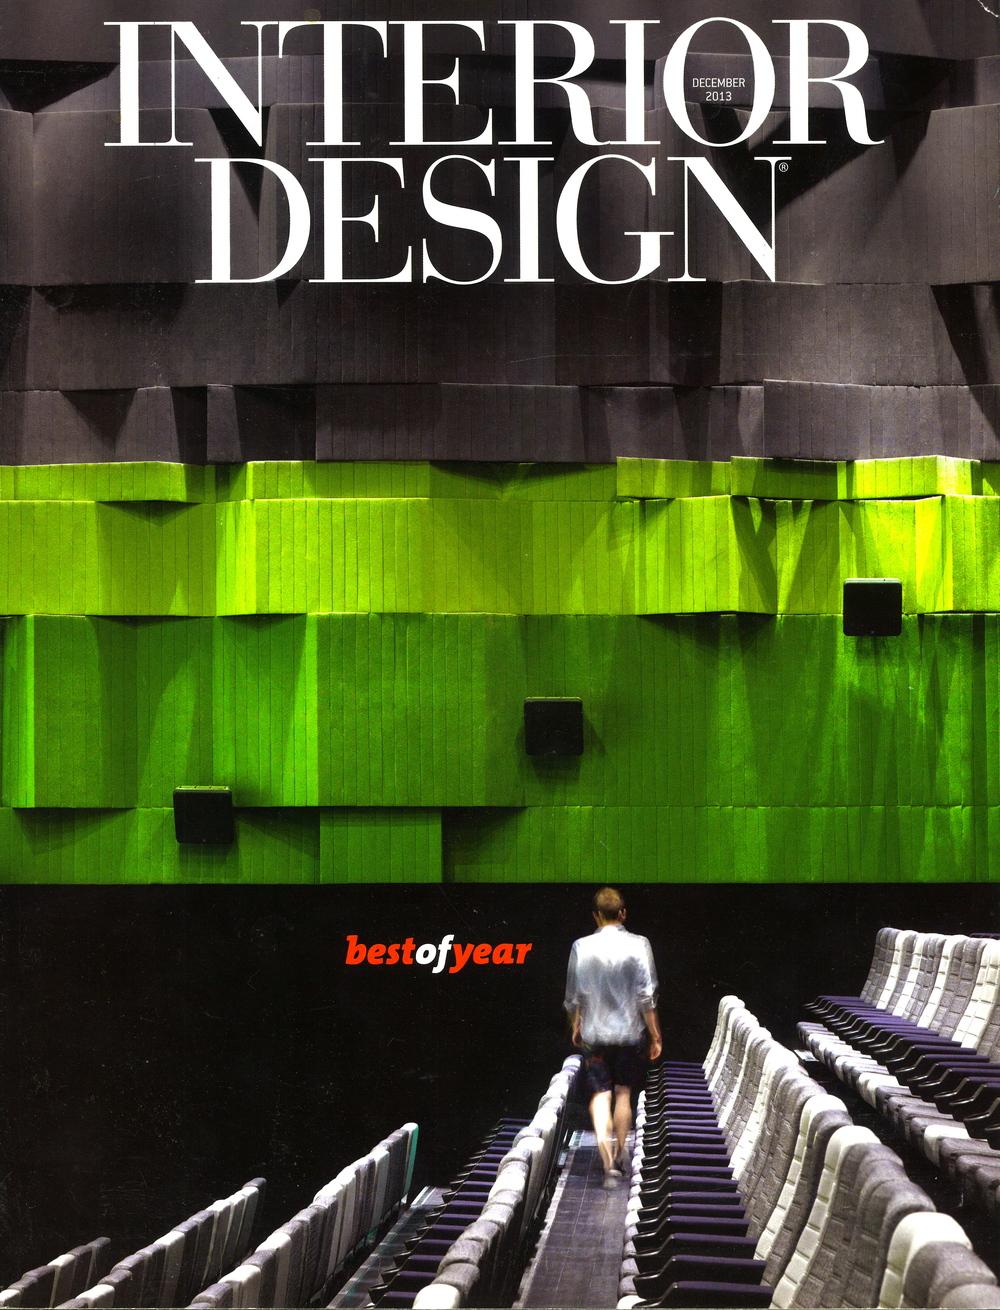 Interior Design_Dec 2013-cover.jpg